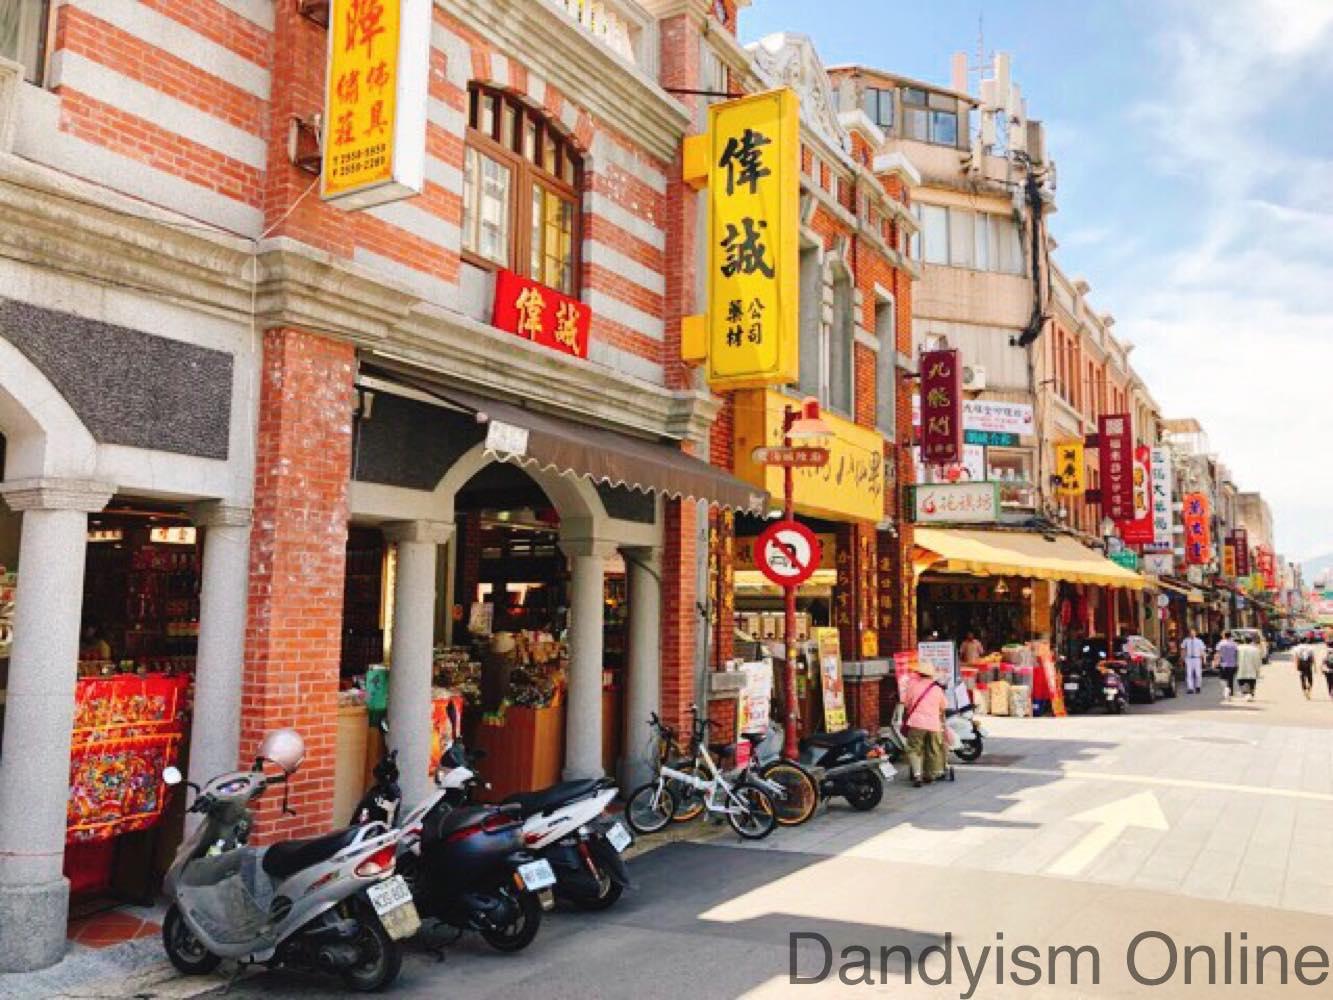 『孤独のグルメ台湾編』でロケ地となった台北の3店舗全部全部行って五郎さんと全く同じ注文してみた